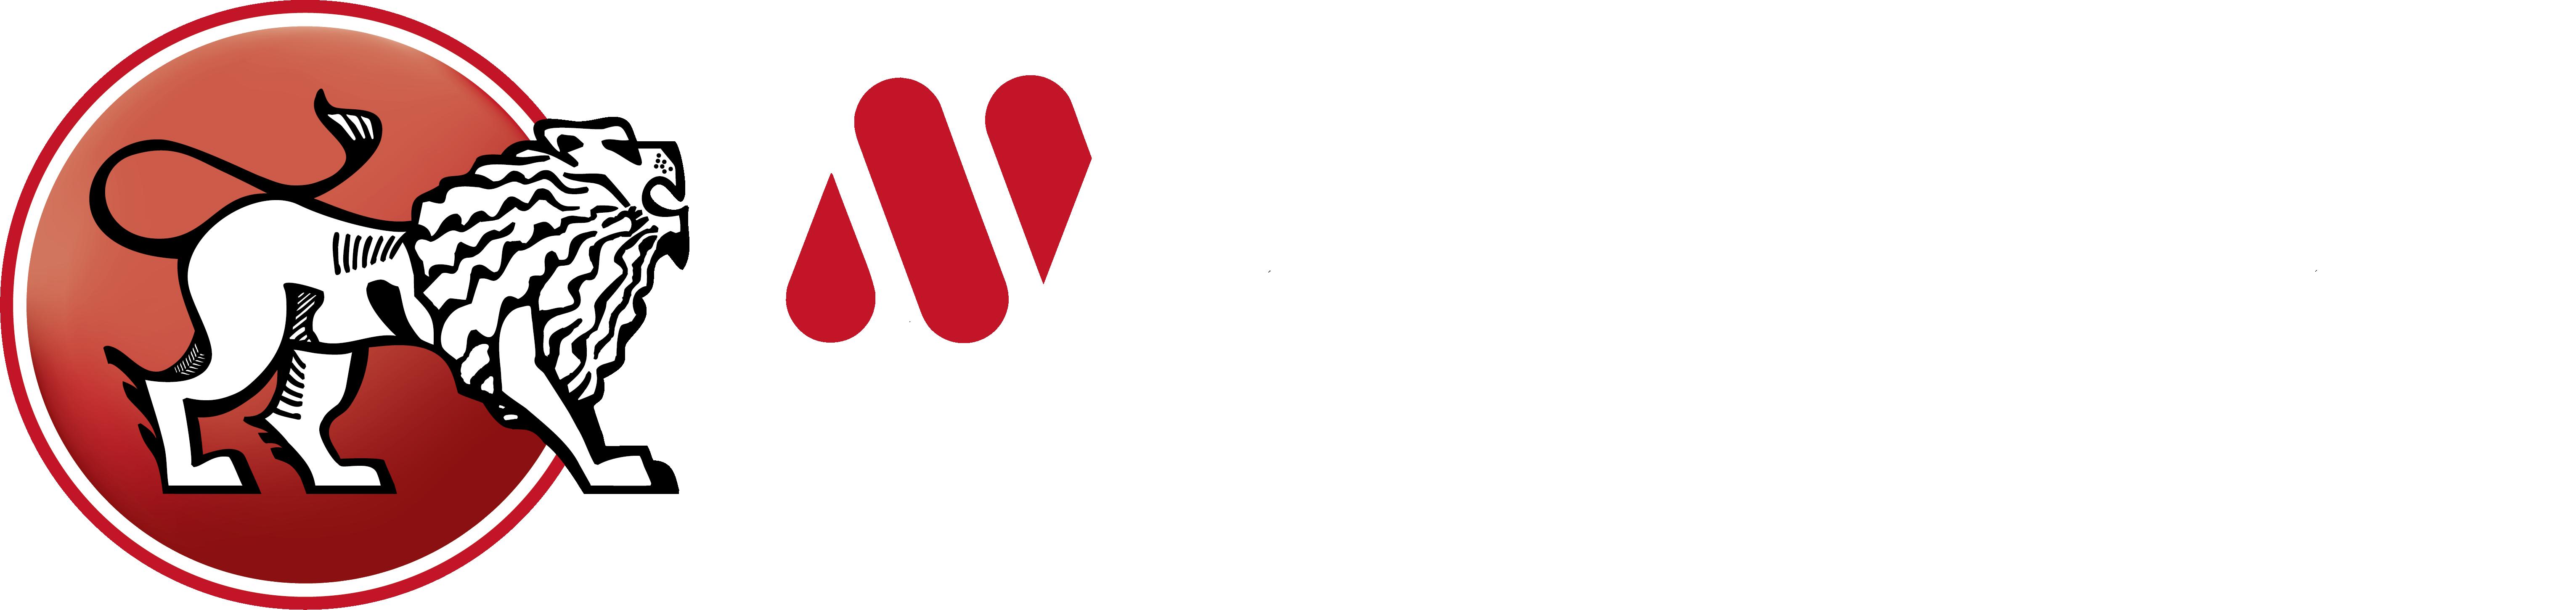 Logo MABA Fertigteilindustrie GmbH